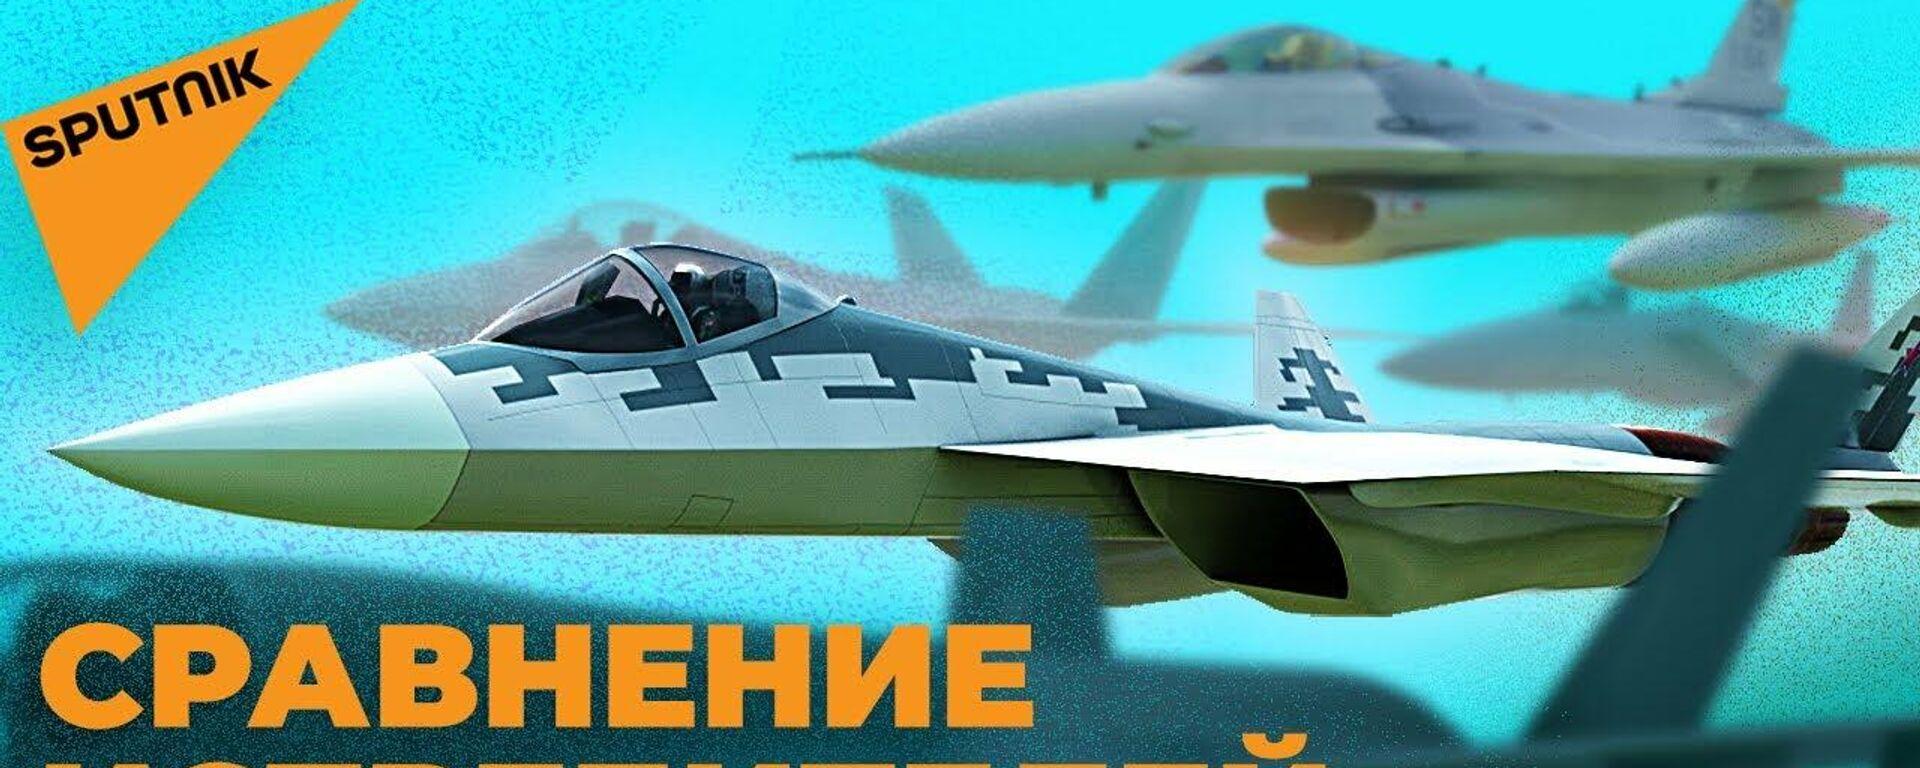 ТОП истребителей России и США: кто победит в воздушном бою?  - Sputnik Таджикистан, 1920, 28.05.2021